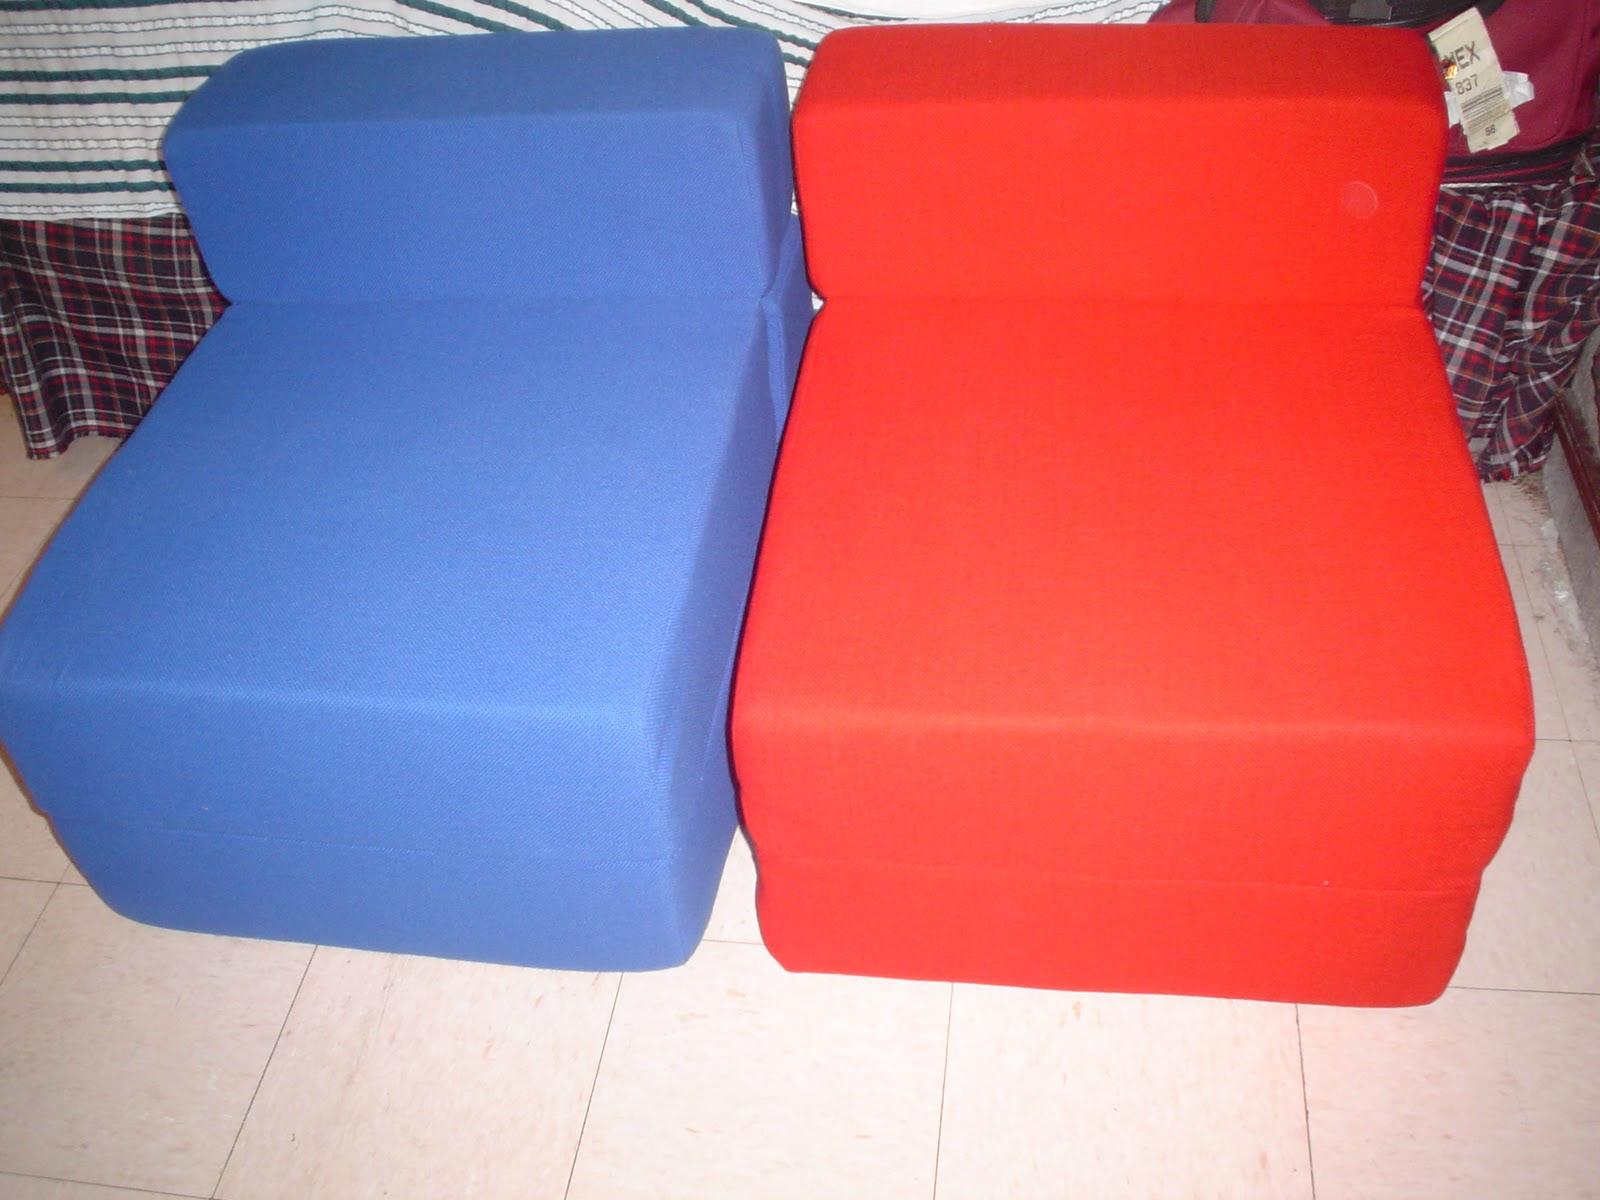 muebles+rojo+y+azulJPG